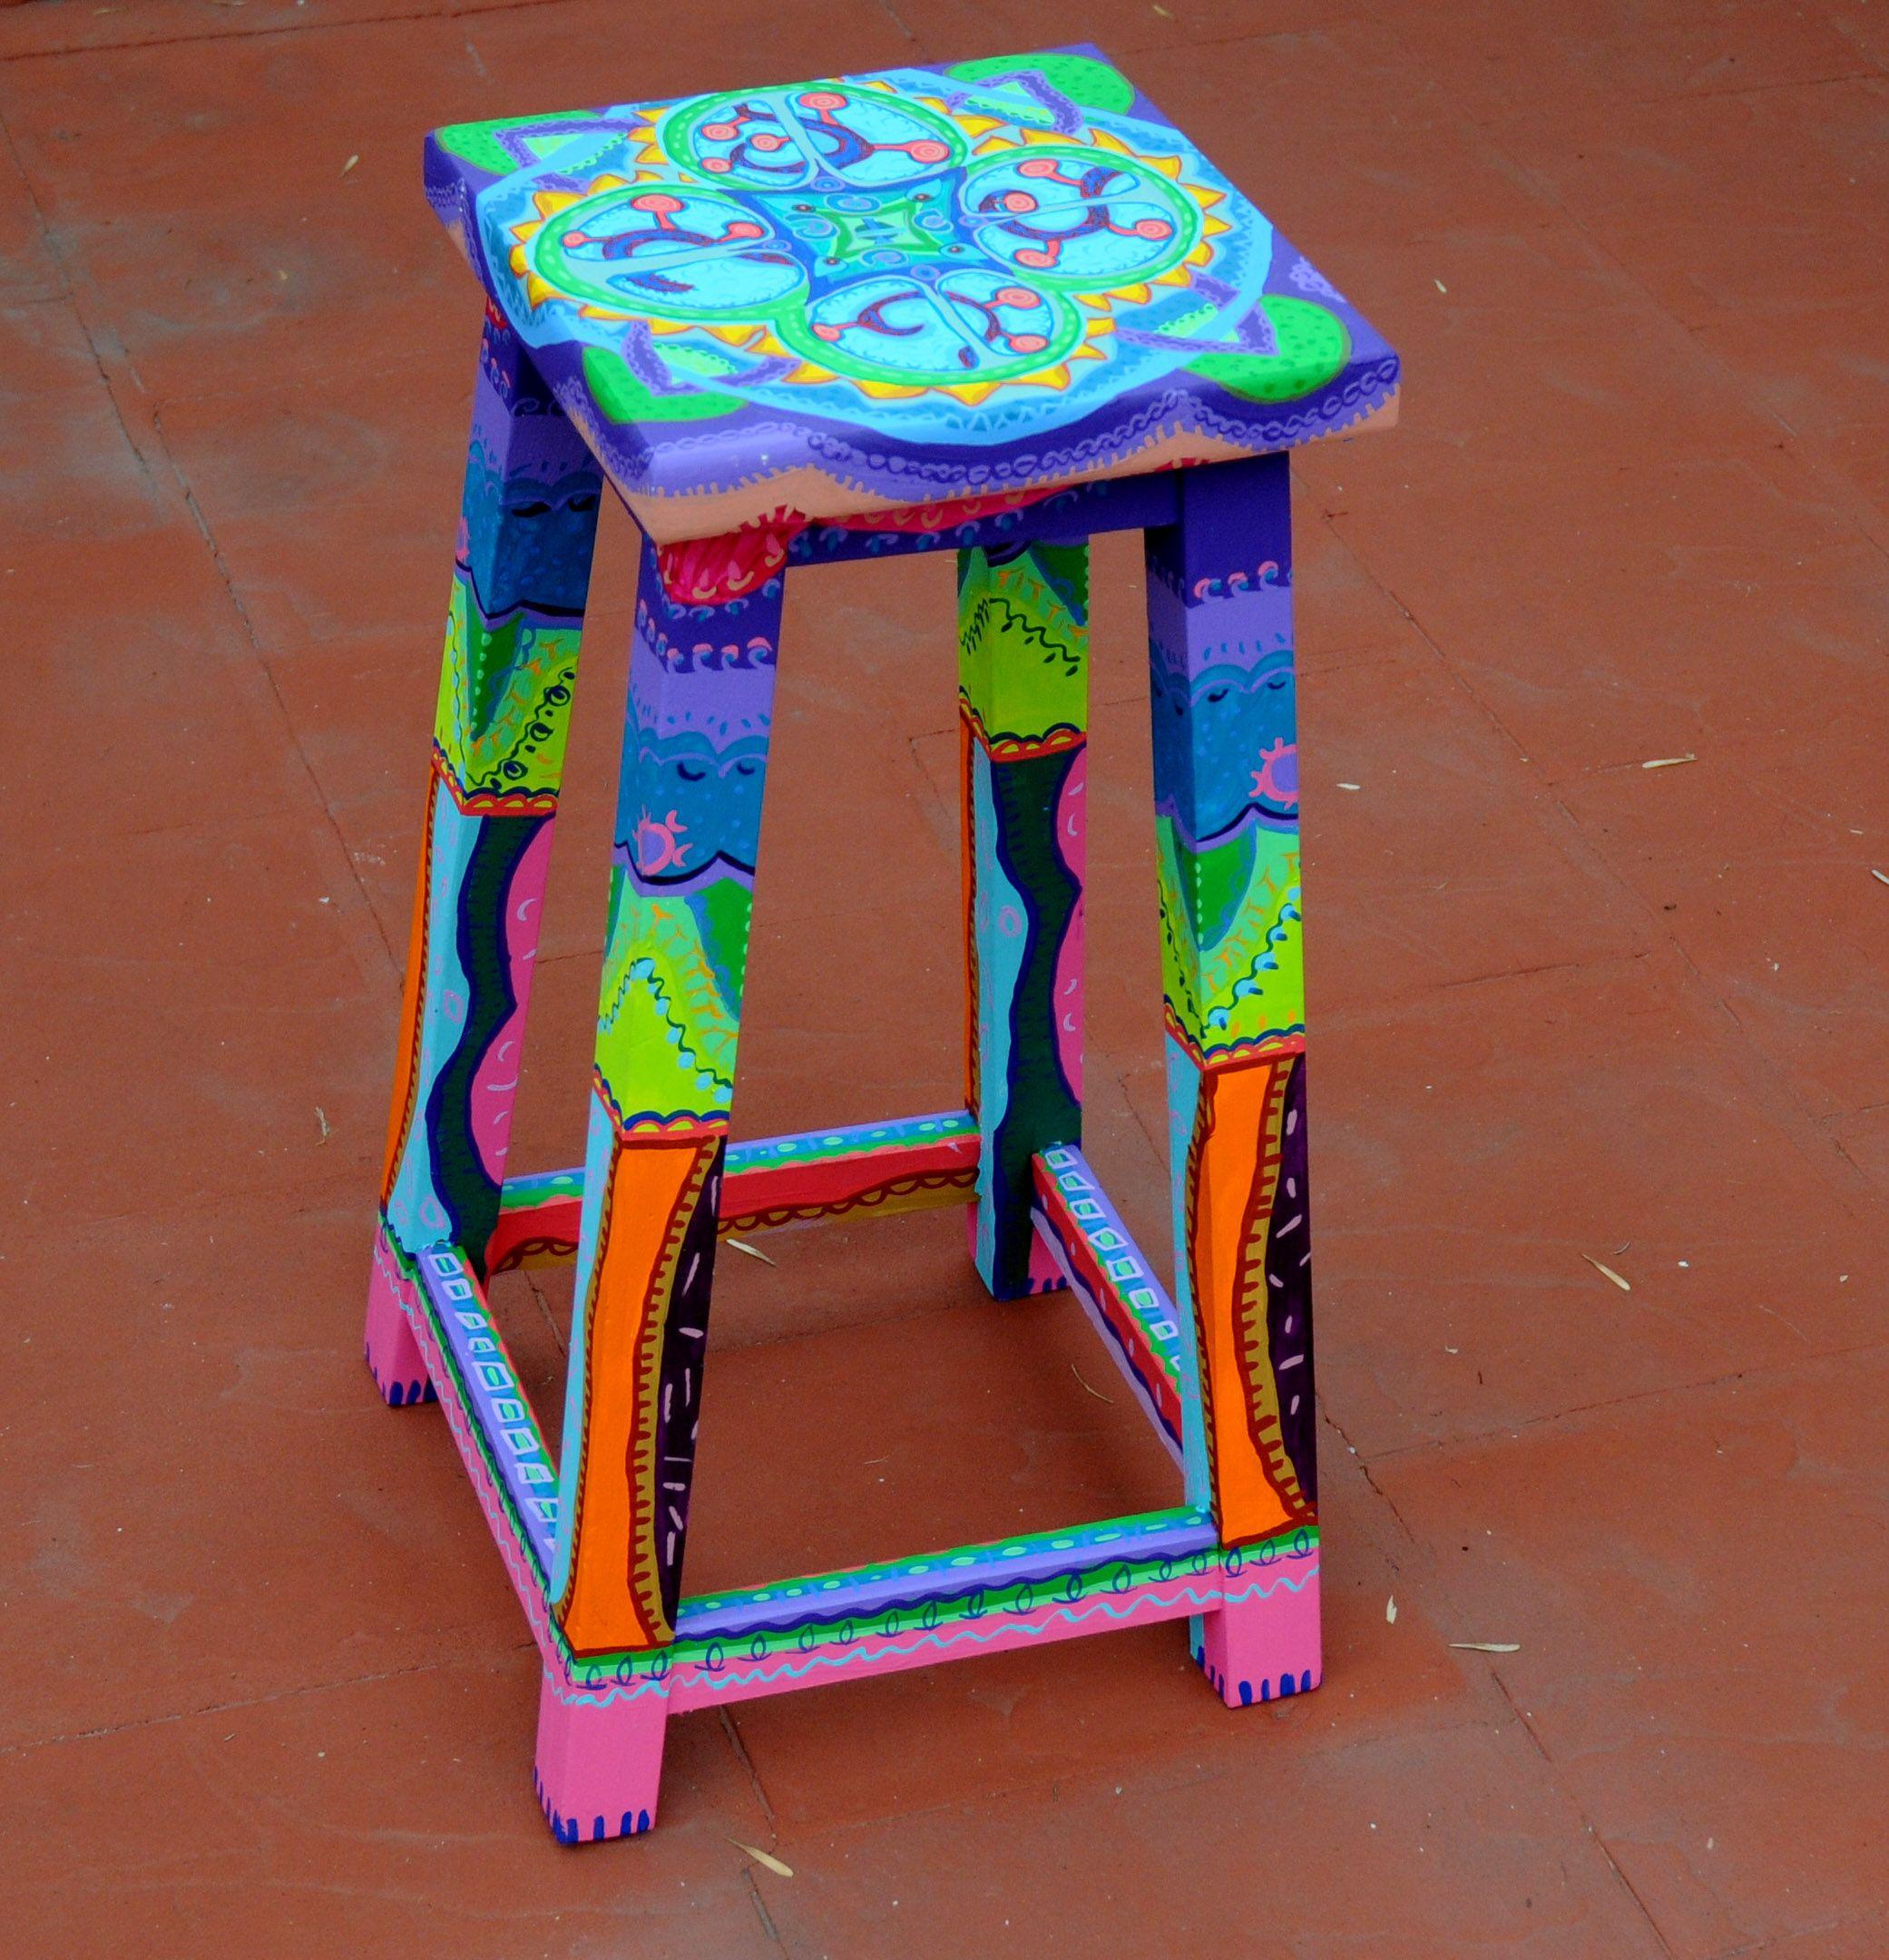 Pin de manuel torres en ideas para el hogar en 2019 - Muebles de madera pintados a mano ...